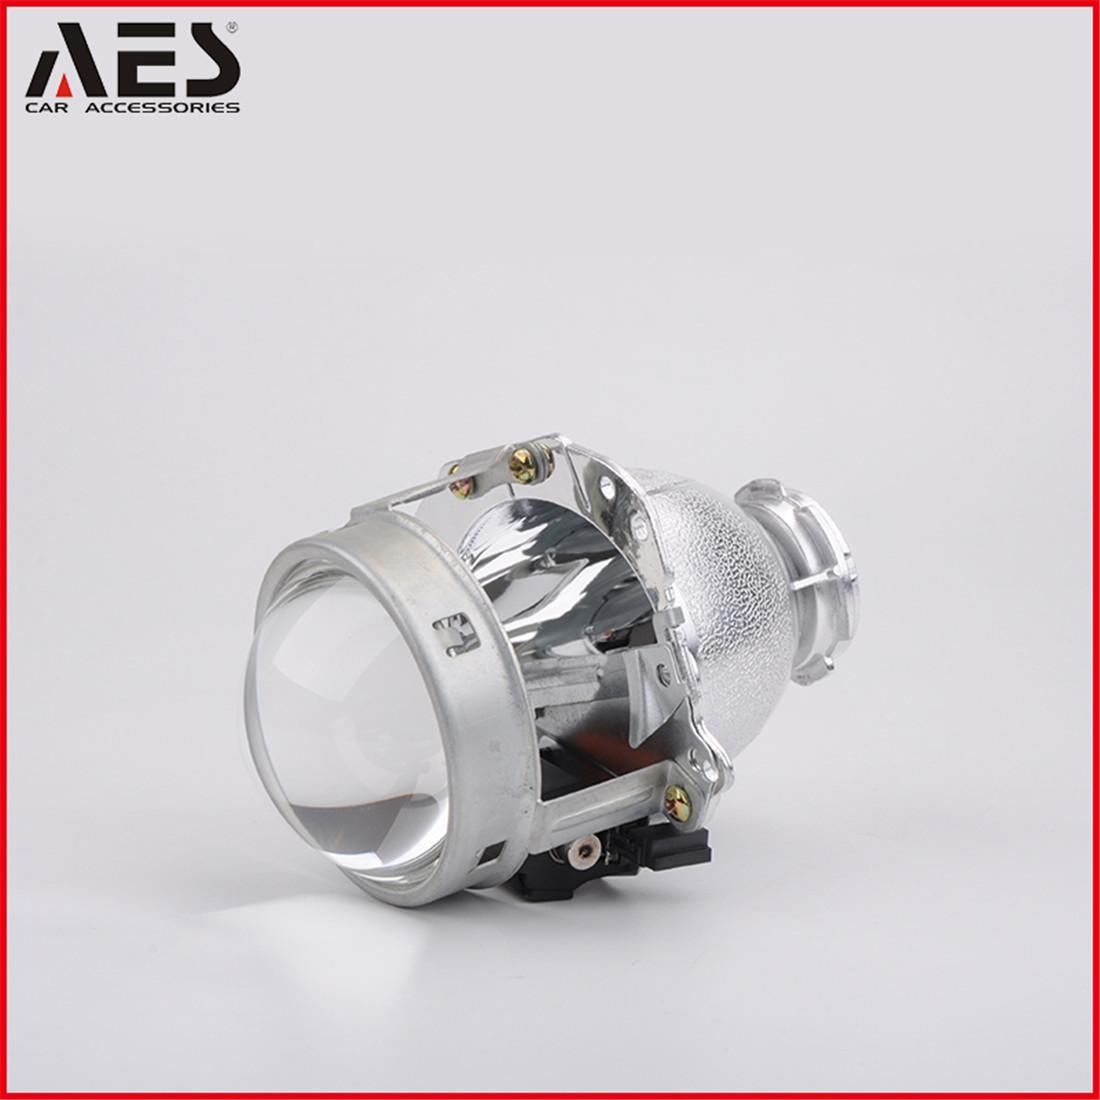 AES-Auto-headlight-hid-bi-xenon-3 (1).jpg